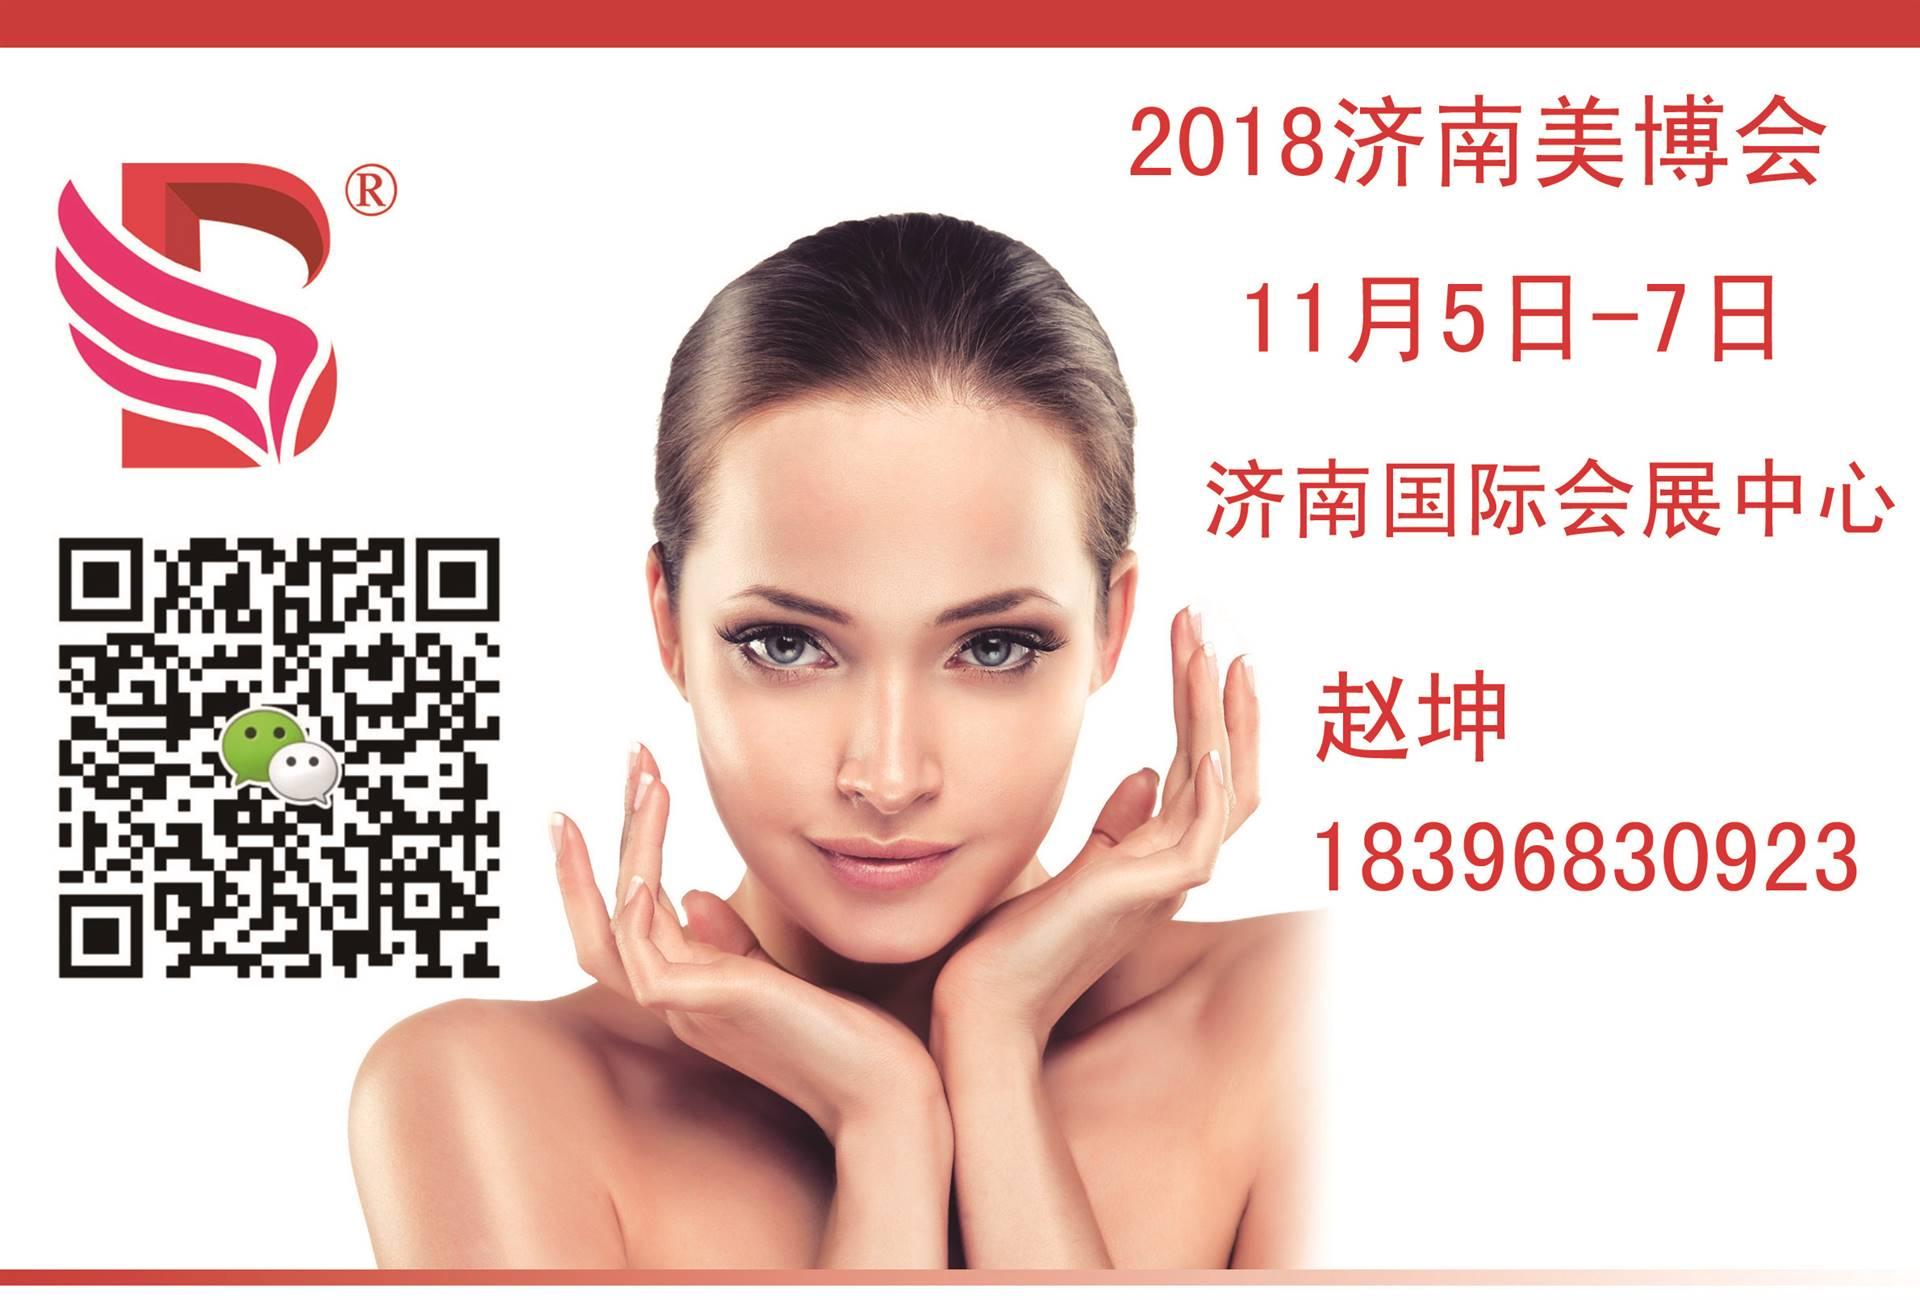 2018年济南美博会 2018年北京美博会-大型美容展览会